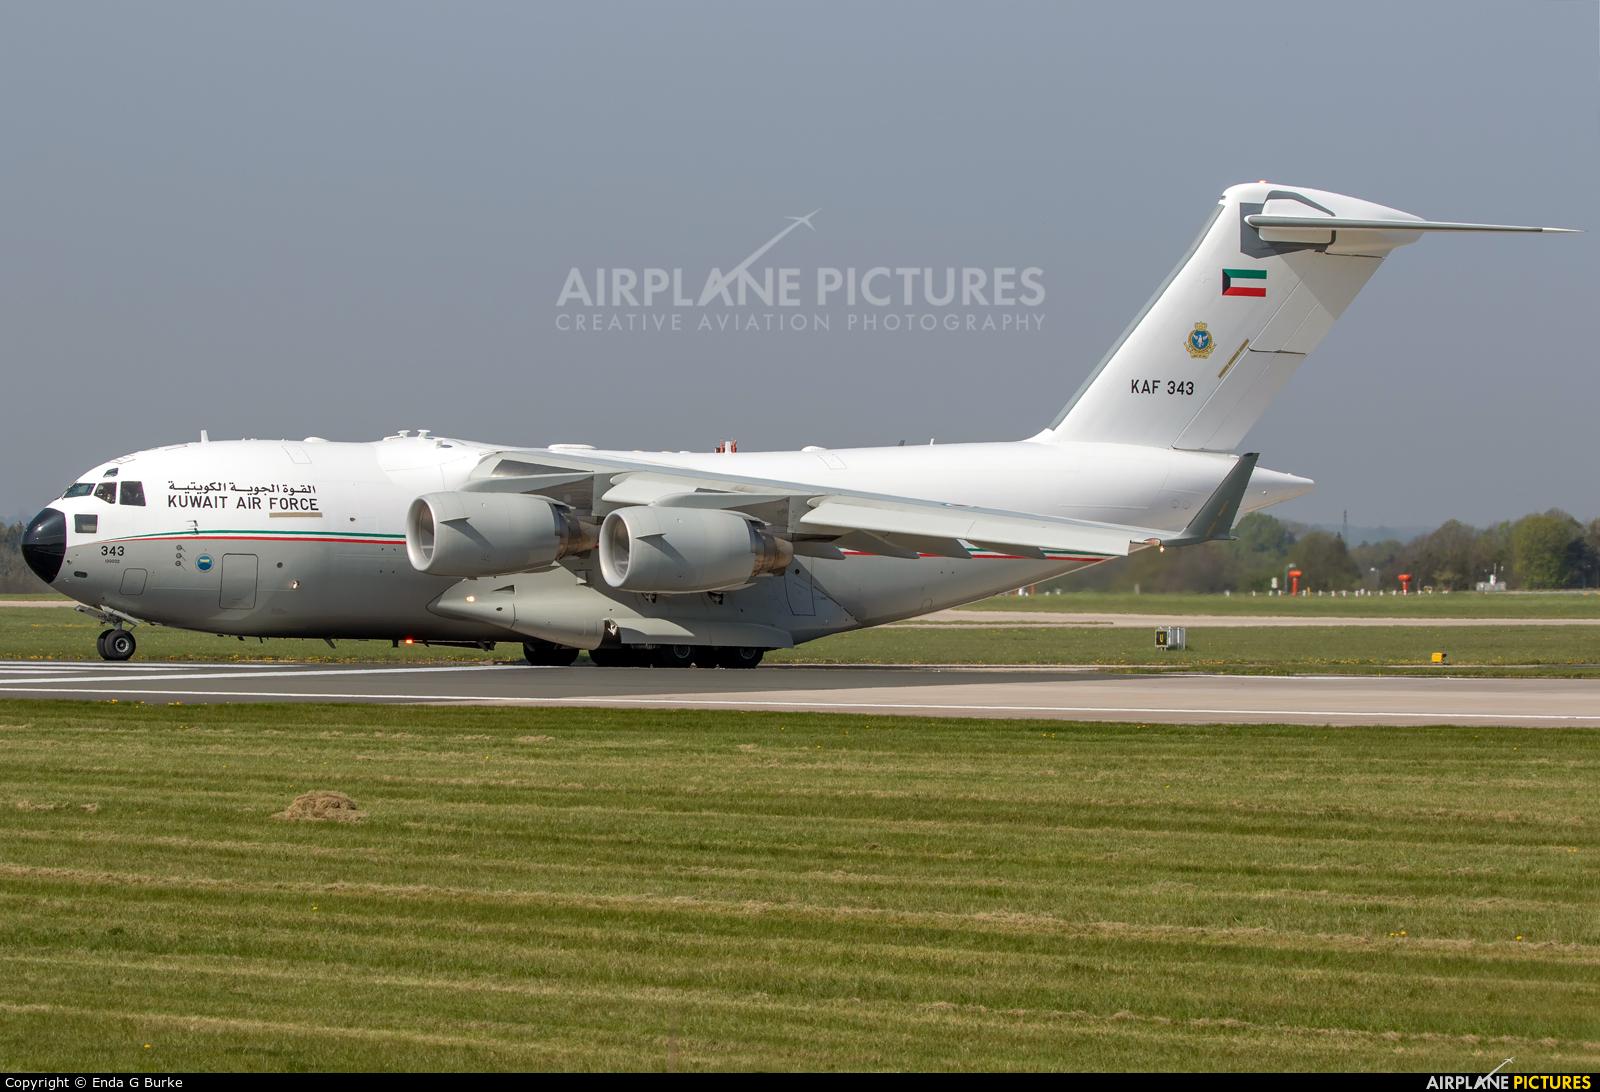 Kuwait - Air Force KAF343 aircraft at Manchester